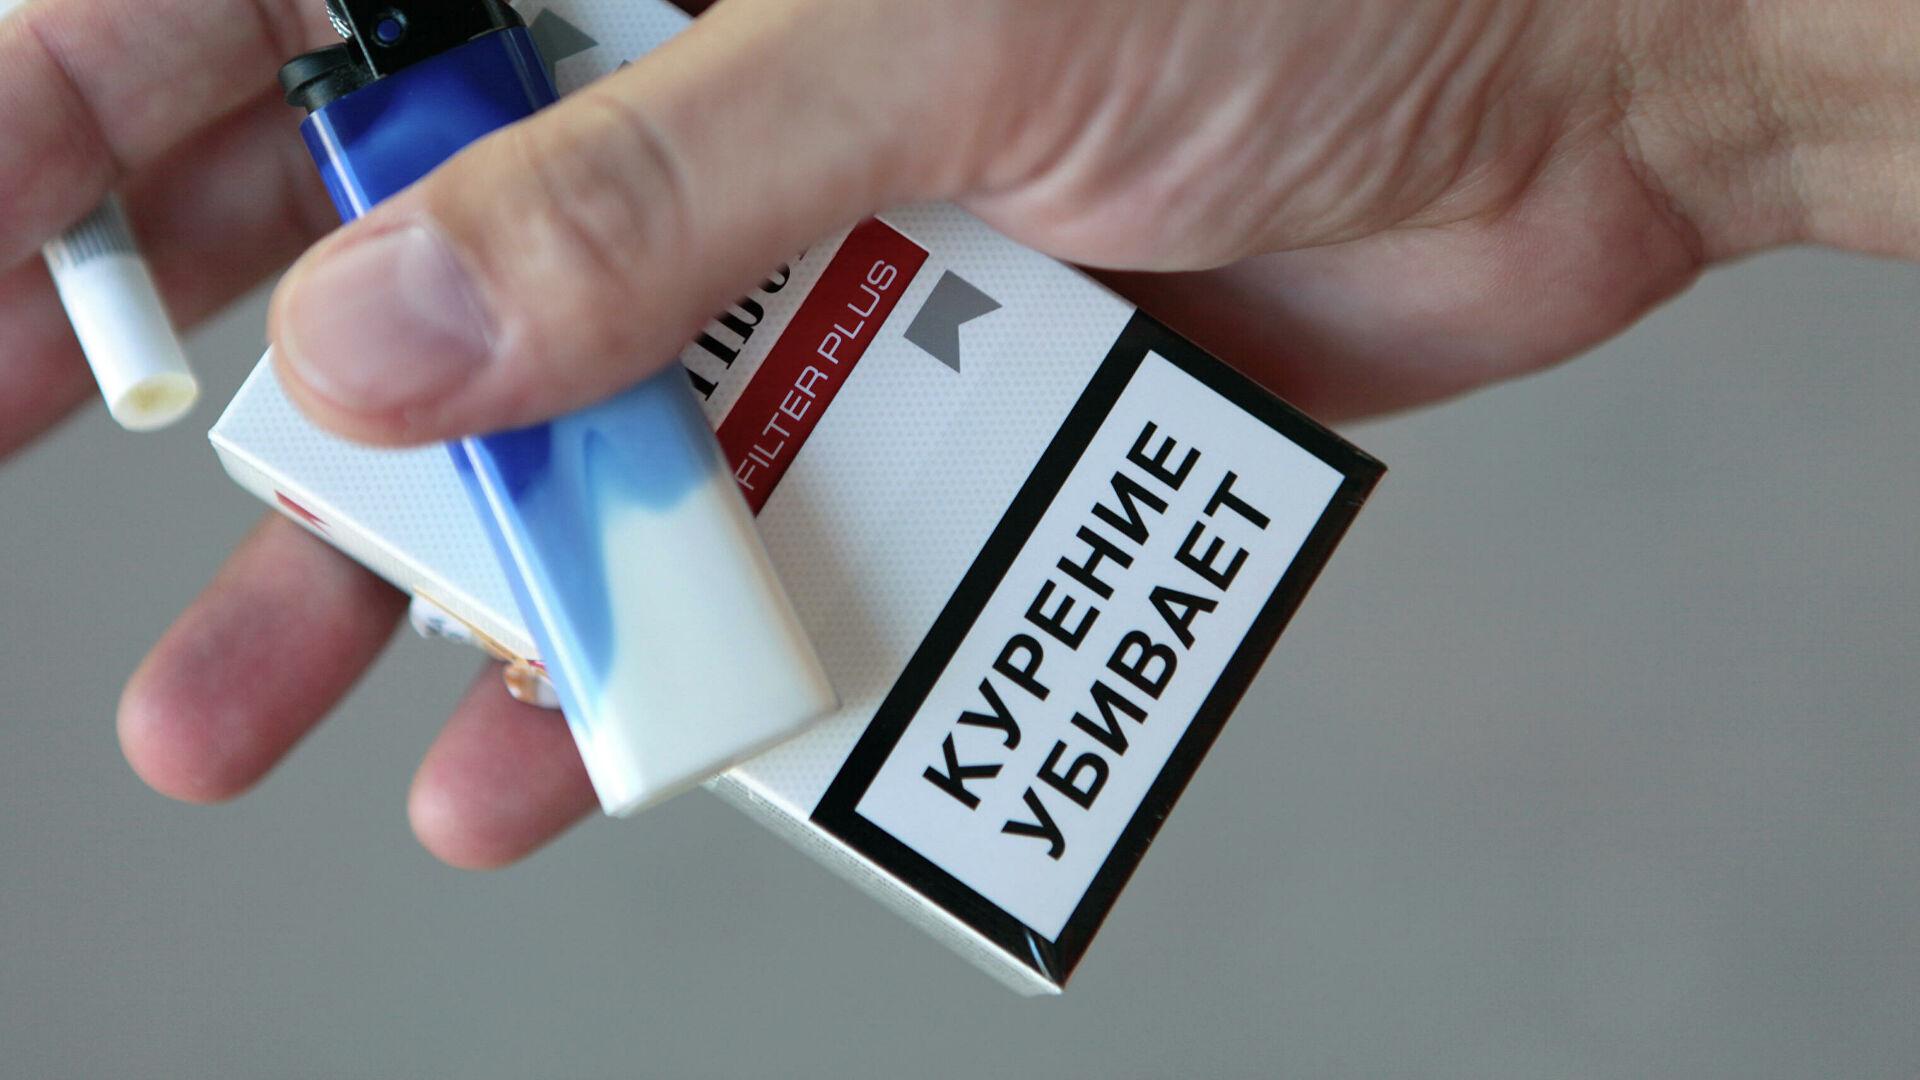 Сигаретные упаковки могут стать обезличенными